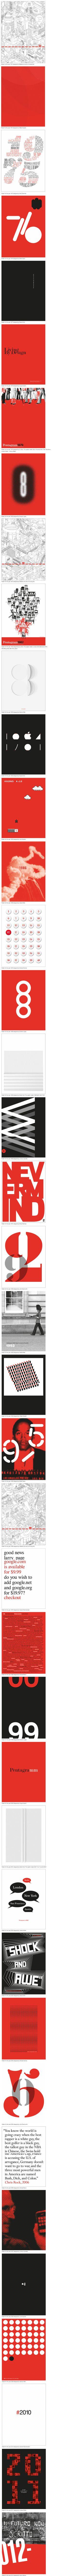 Pour l'anniversaire de l'agence, et sous la direction créative de Harry Pearce, une série d'affiches a été conçue afin de retracer les 40 ans de Pentagram. Chaque partenaire de l'agence a dessiné une affiche pour deux ou trois années différentes et les seules contraintes ont été l'utilisation du noir, blanc et rouge (le rouge Pentagram, bien-sûr). Les thématiques de ces affiches vont de l'hommage à Paula Scher à la panne d'électricité de New York en 1977, à la chute du mur de Berlin en 1989,